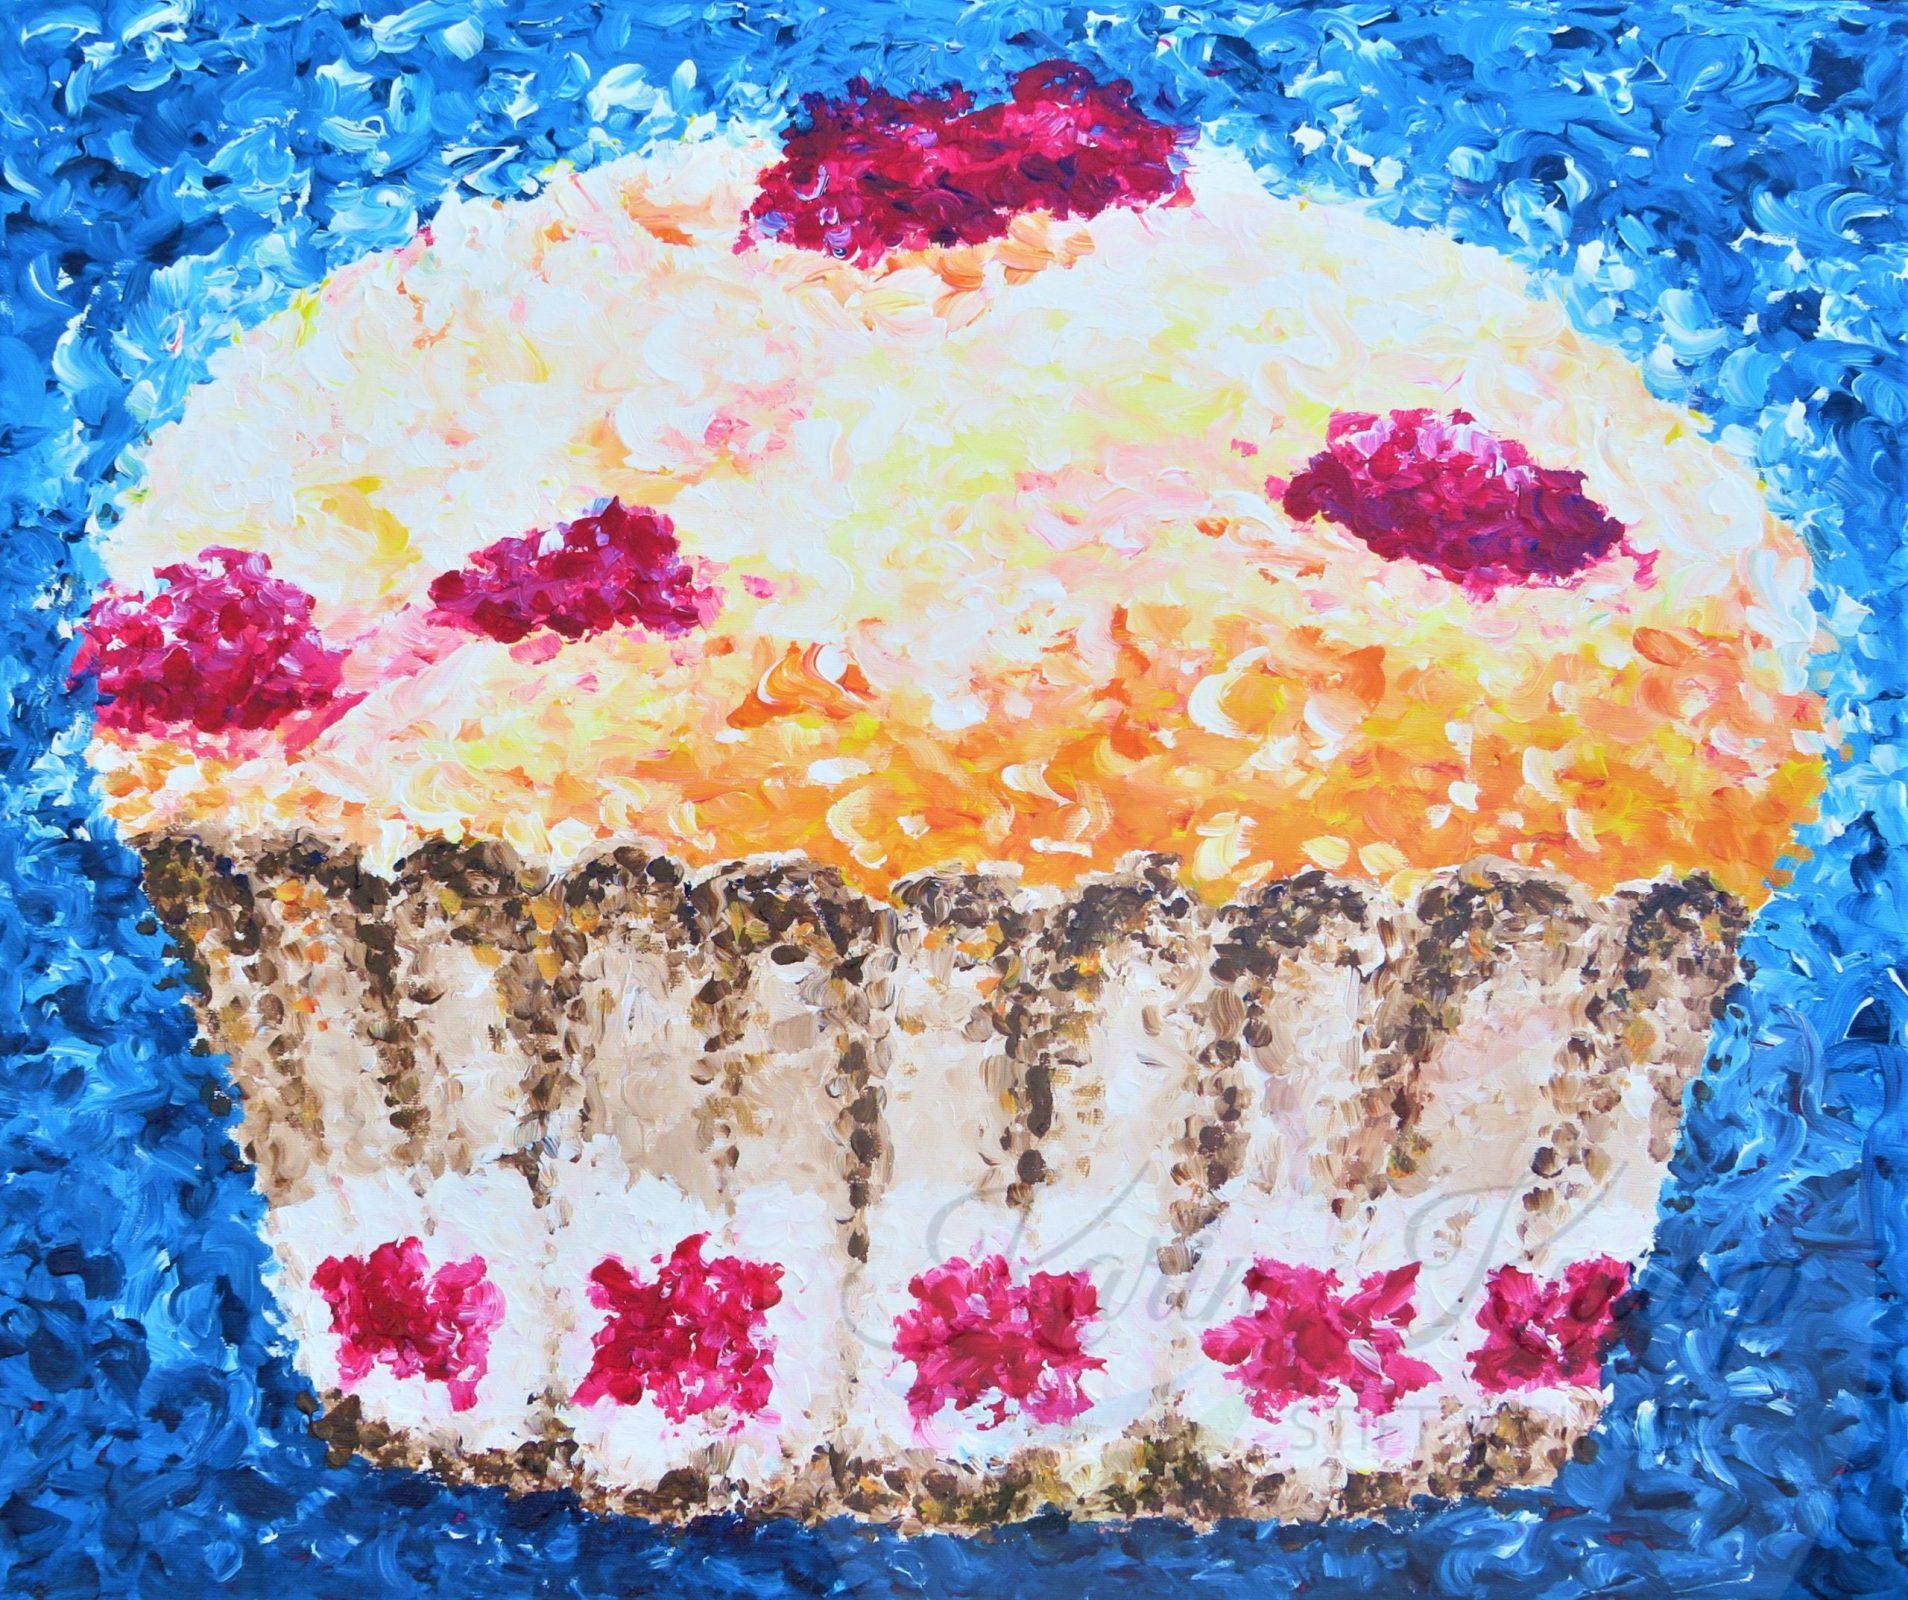 Muffin Acryl auf Leinwand 50 x 60 cm